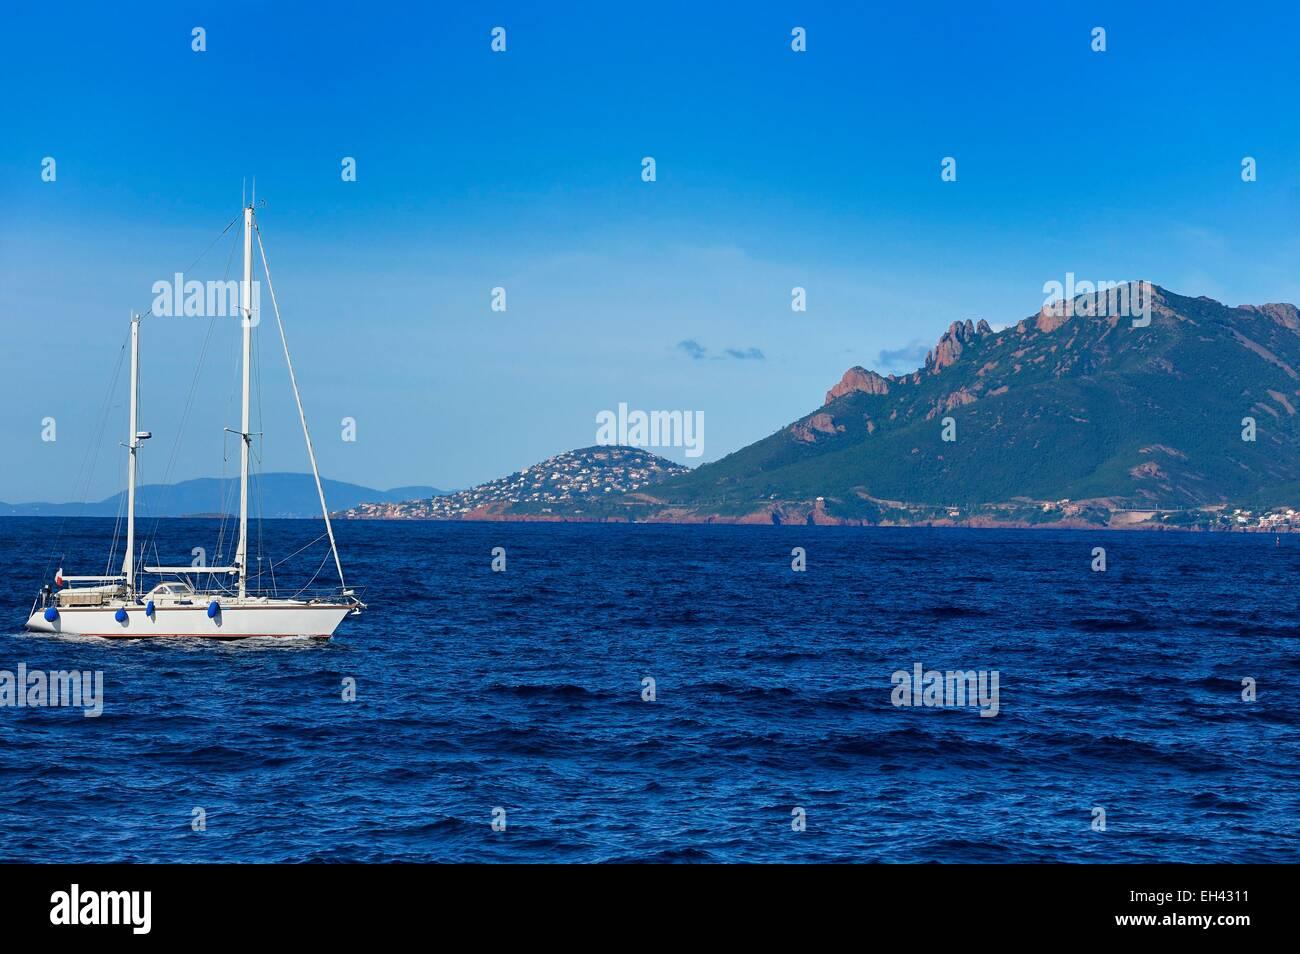 Frankreich, Alpes Maritimes, Segelboot aus der Lerins-Inseln und das Esterel-Gebirge im Hintergrund Stockbild